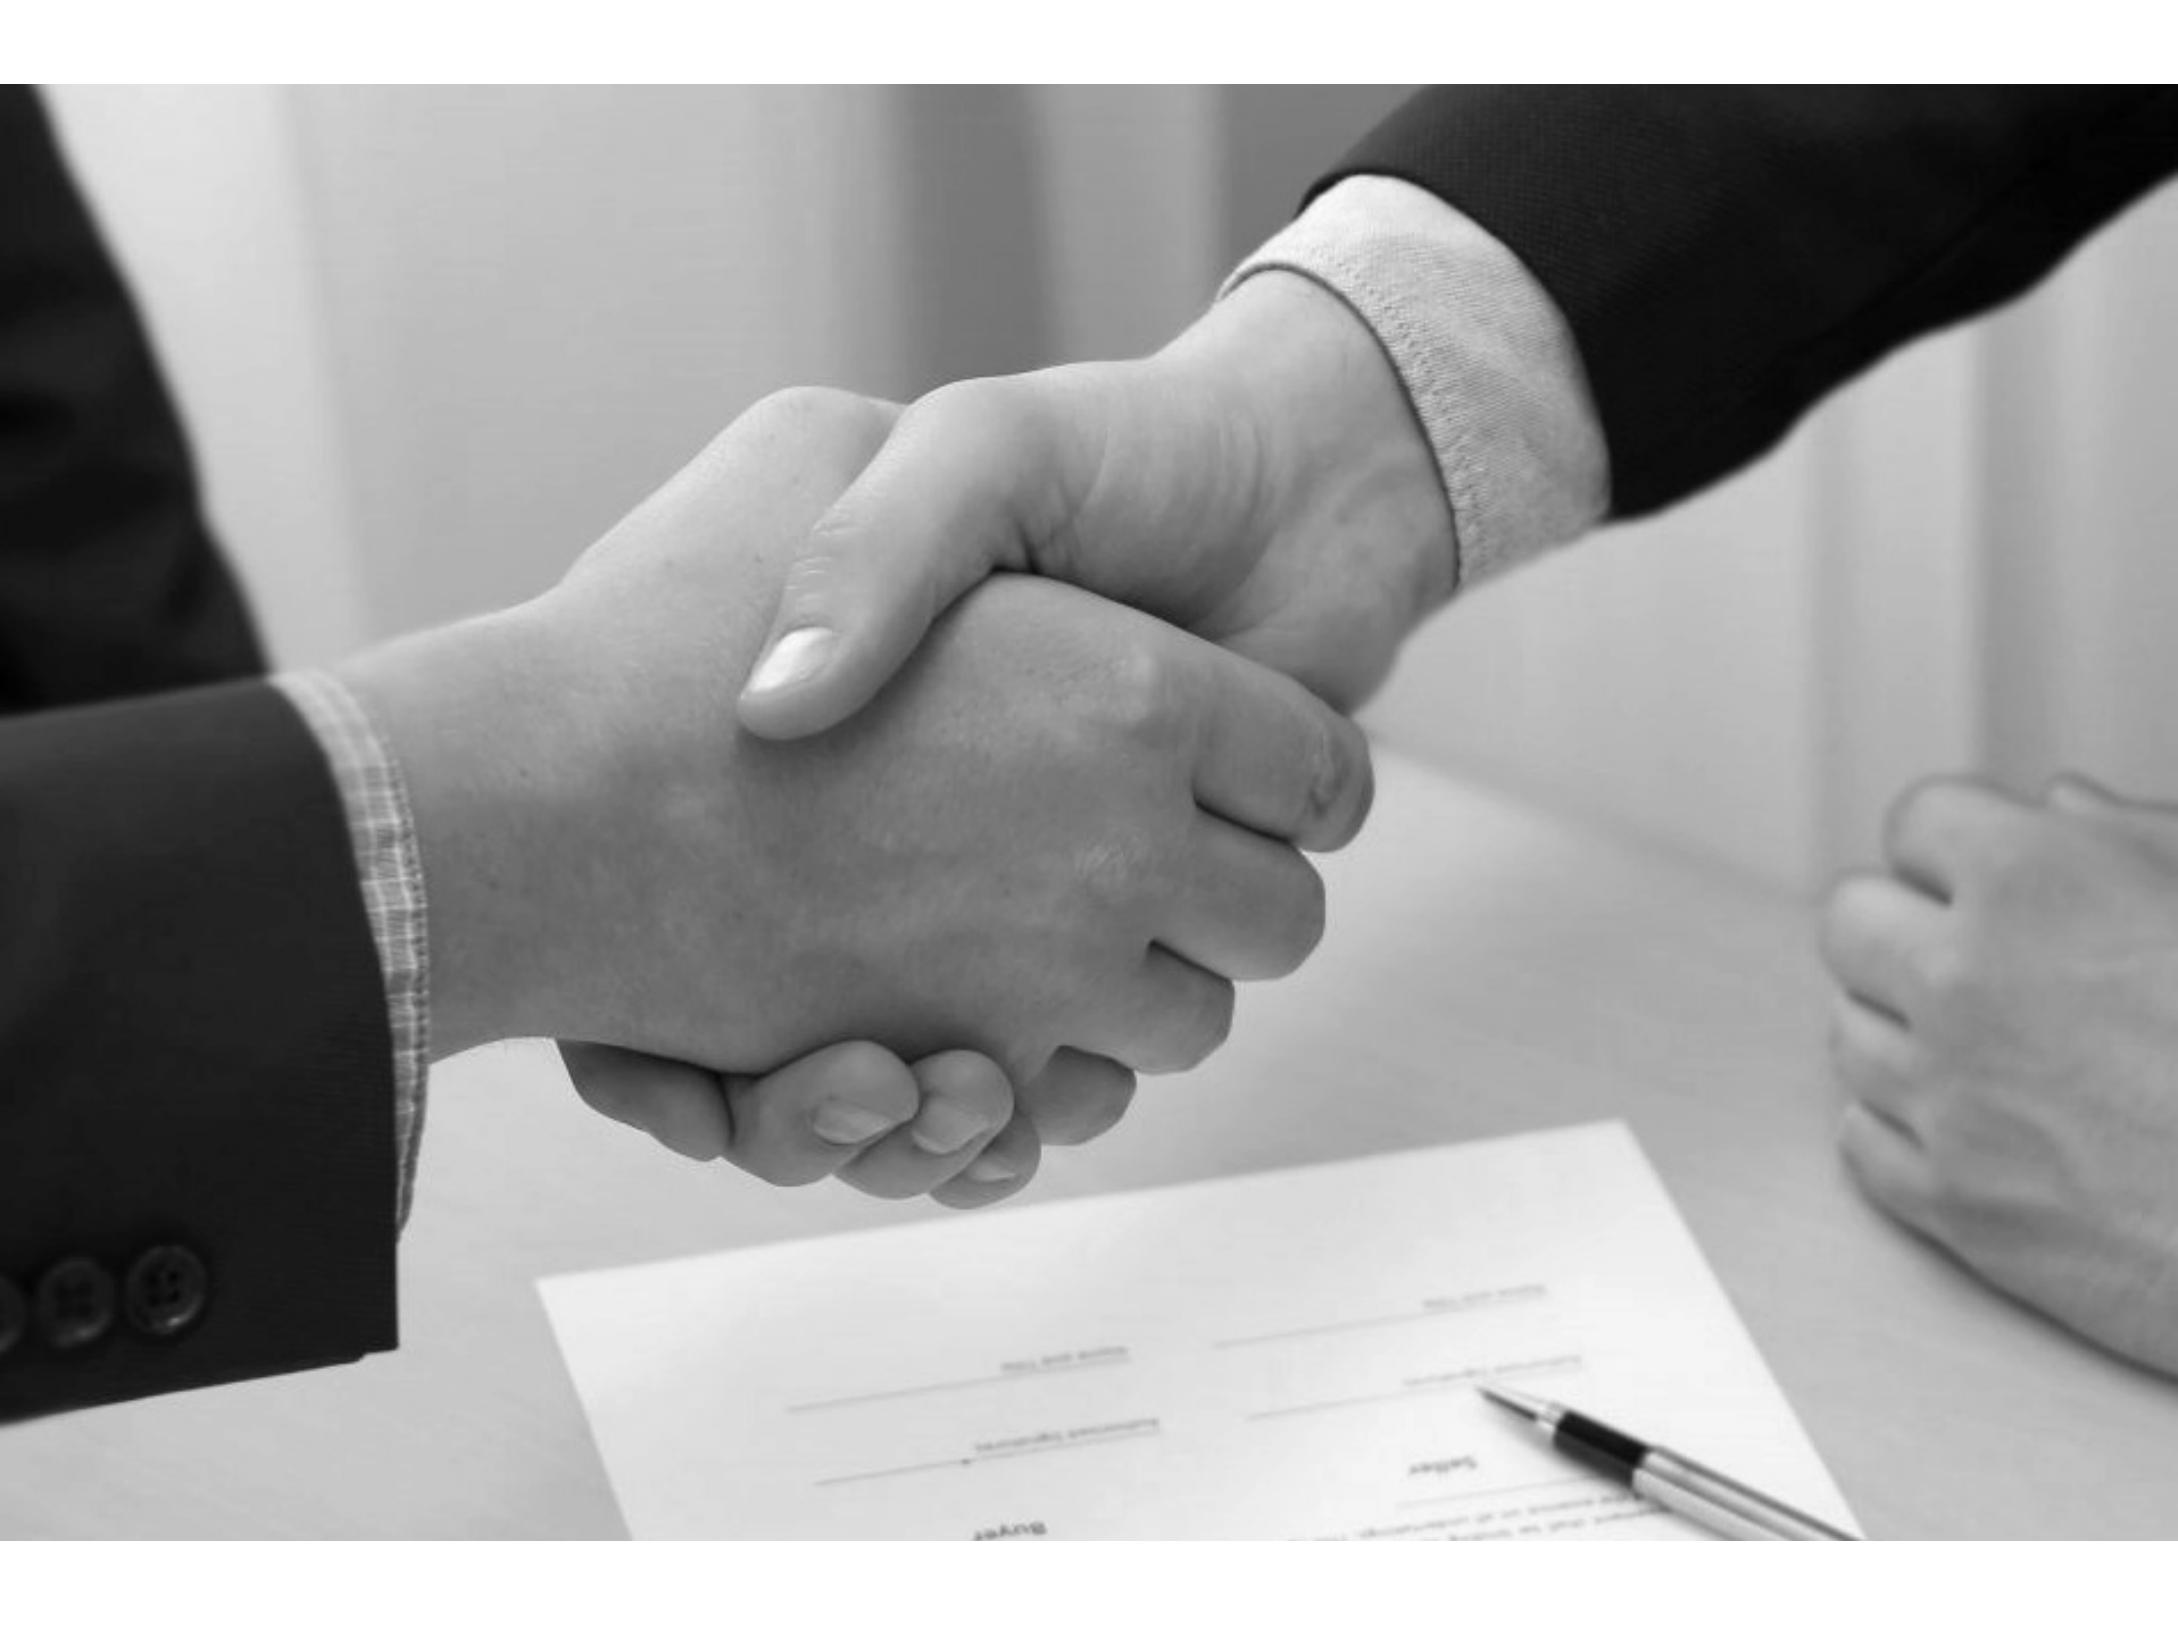 Εμπιστοσύνη - Συνεργασία - Άνοδος